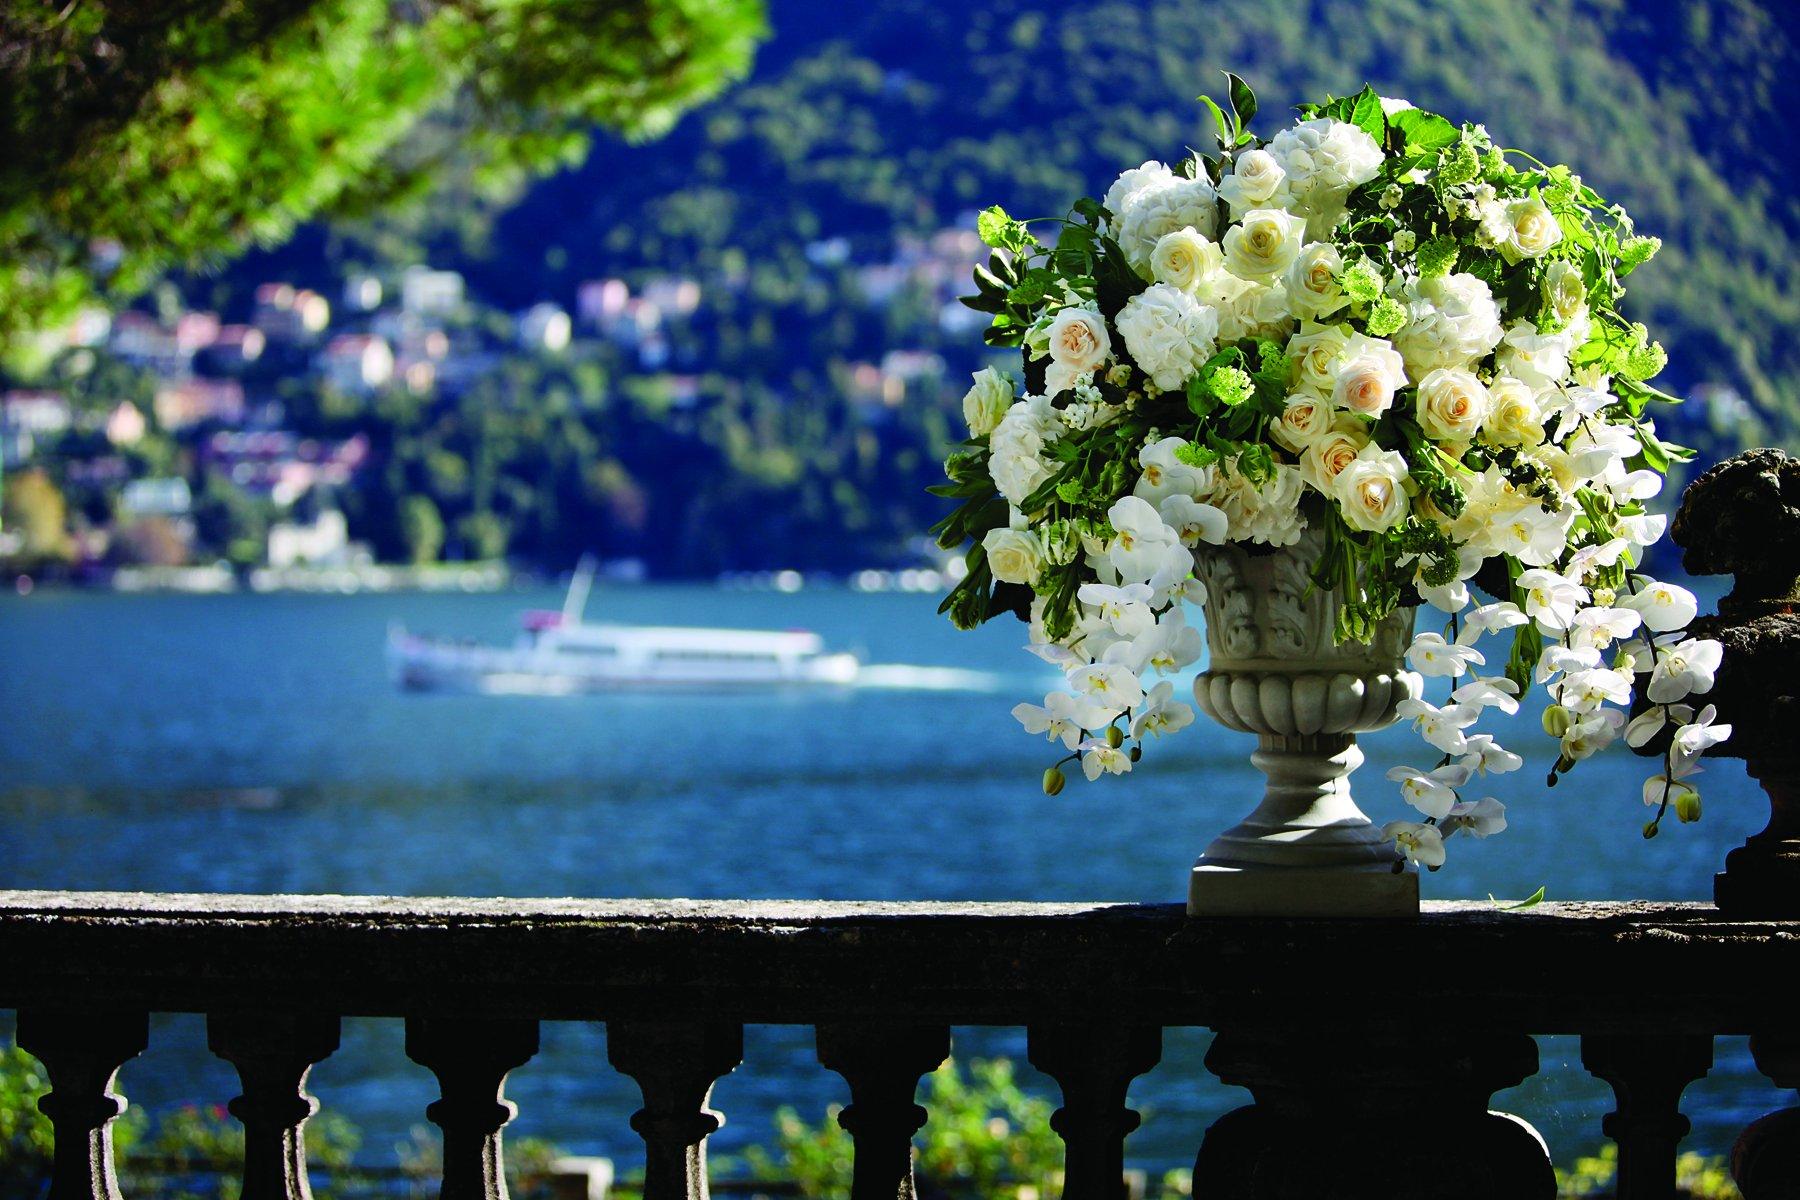 Wedding Flowers Karen Tran Karen Tran 9789058565372 Amazon